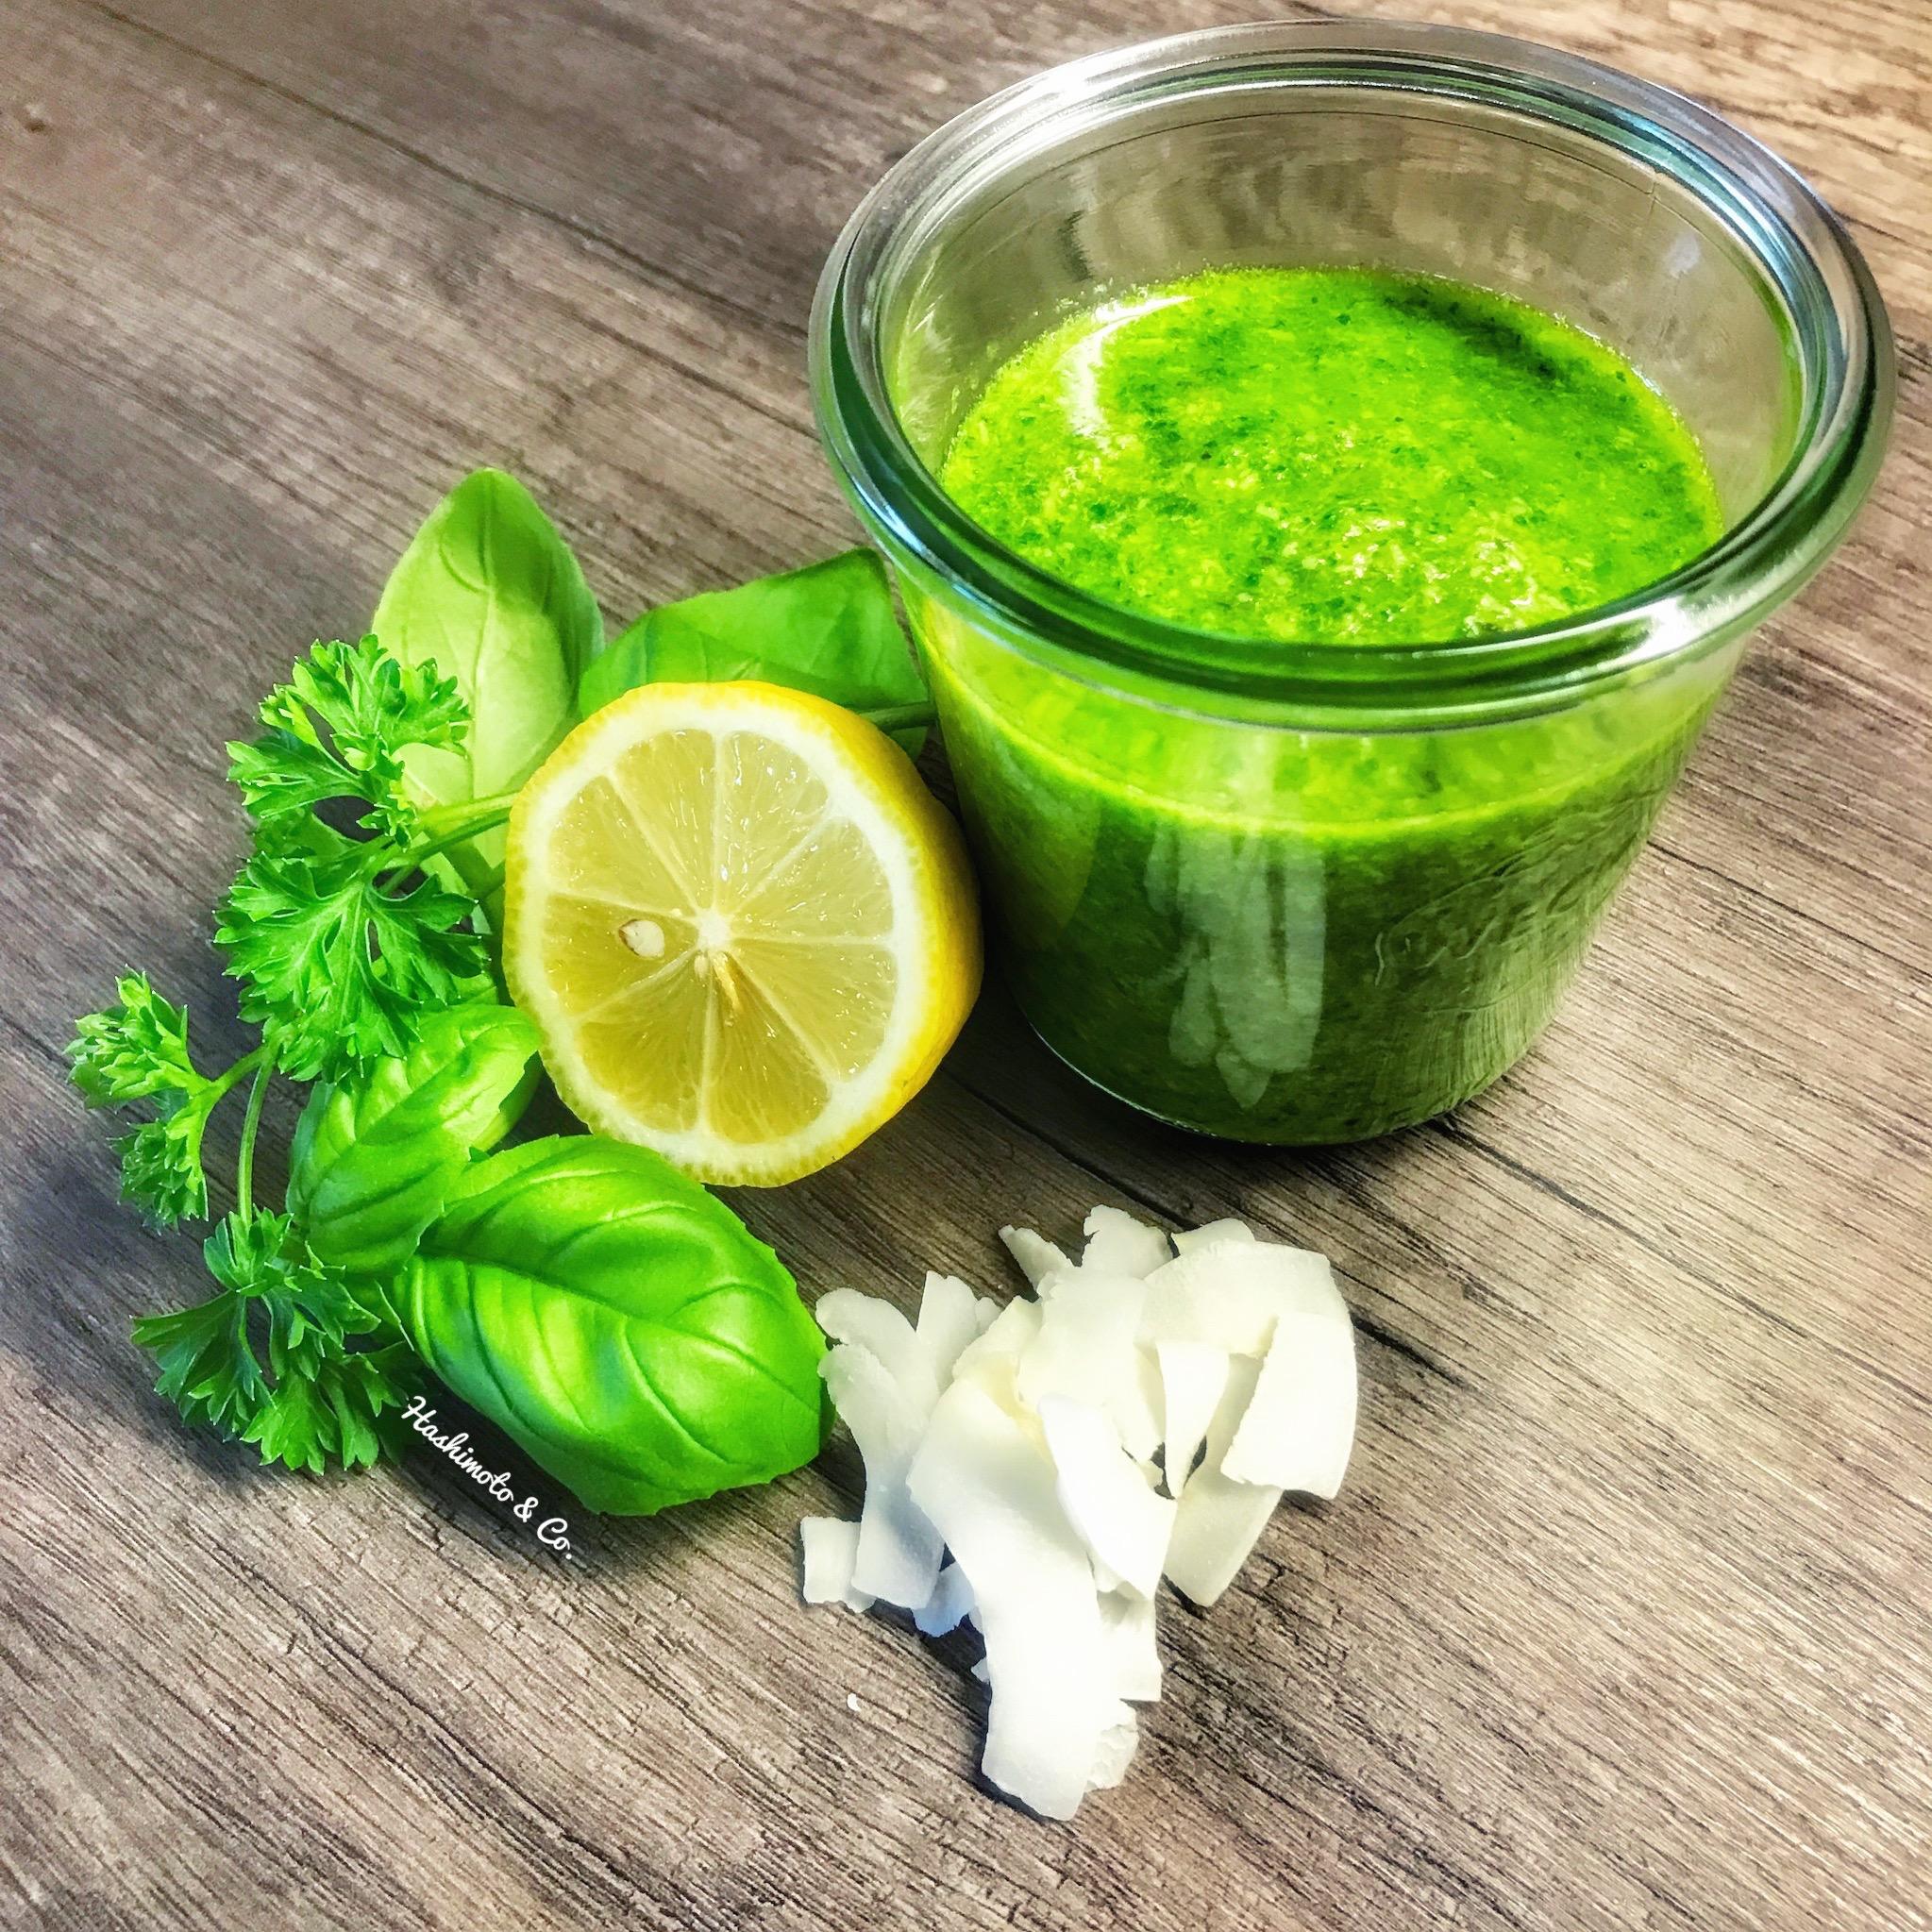 Einige Zutaten für unser grünes Pesto.